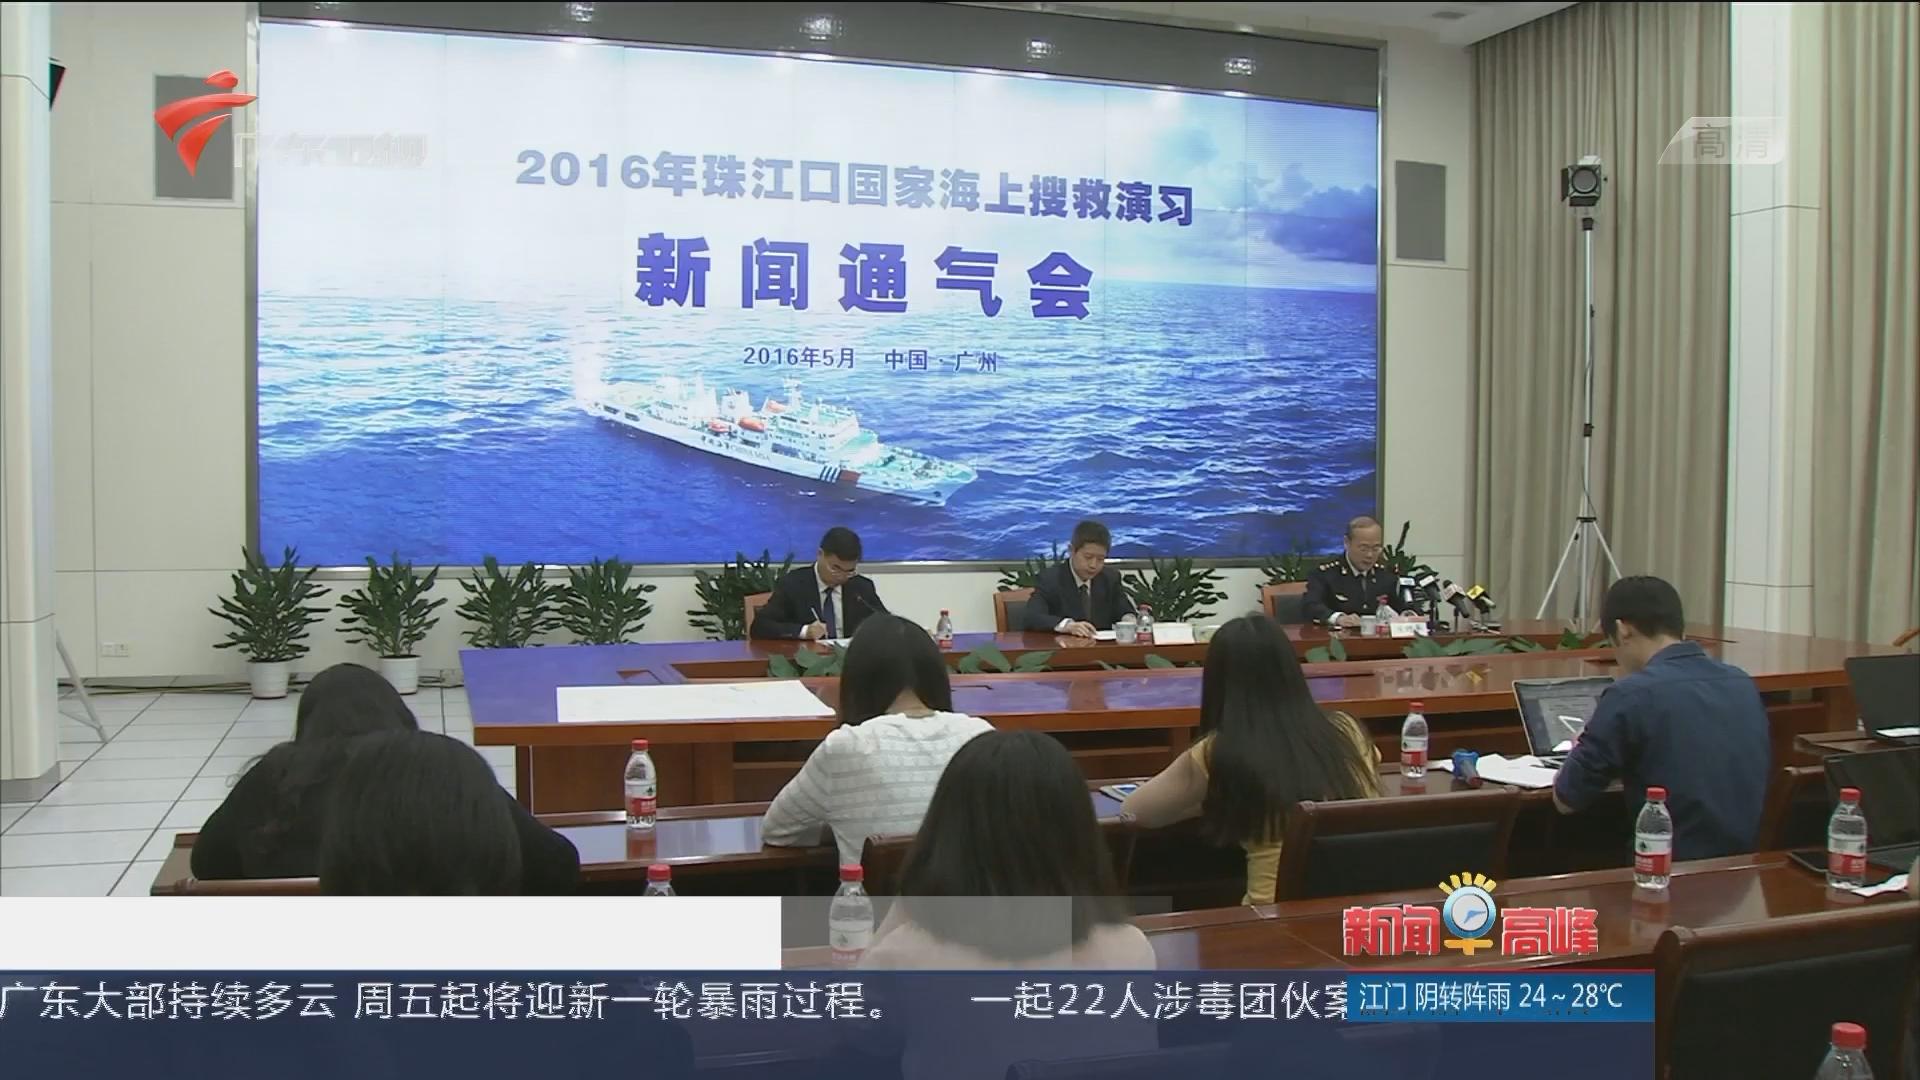 2016年珠江口国家海上搜救演习今天将在珠海举行